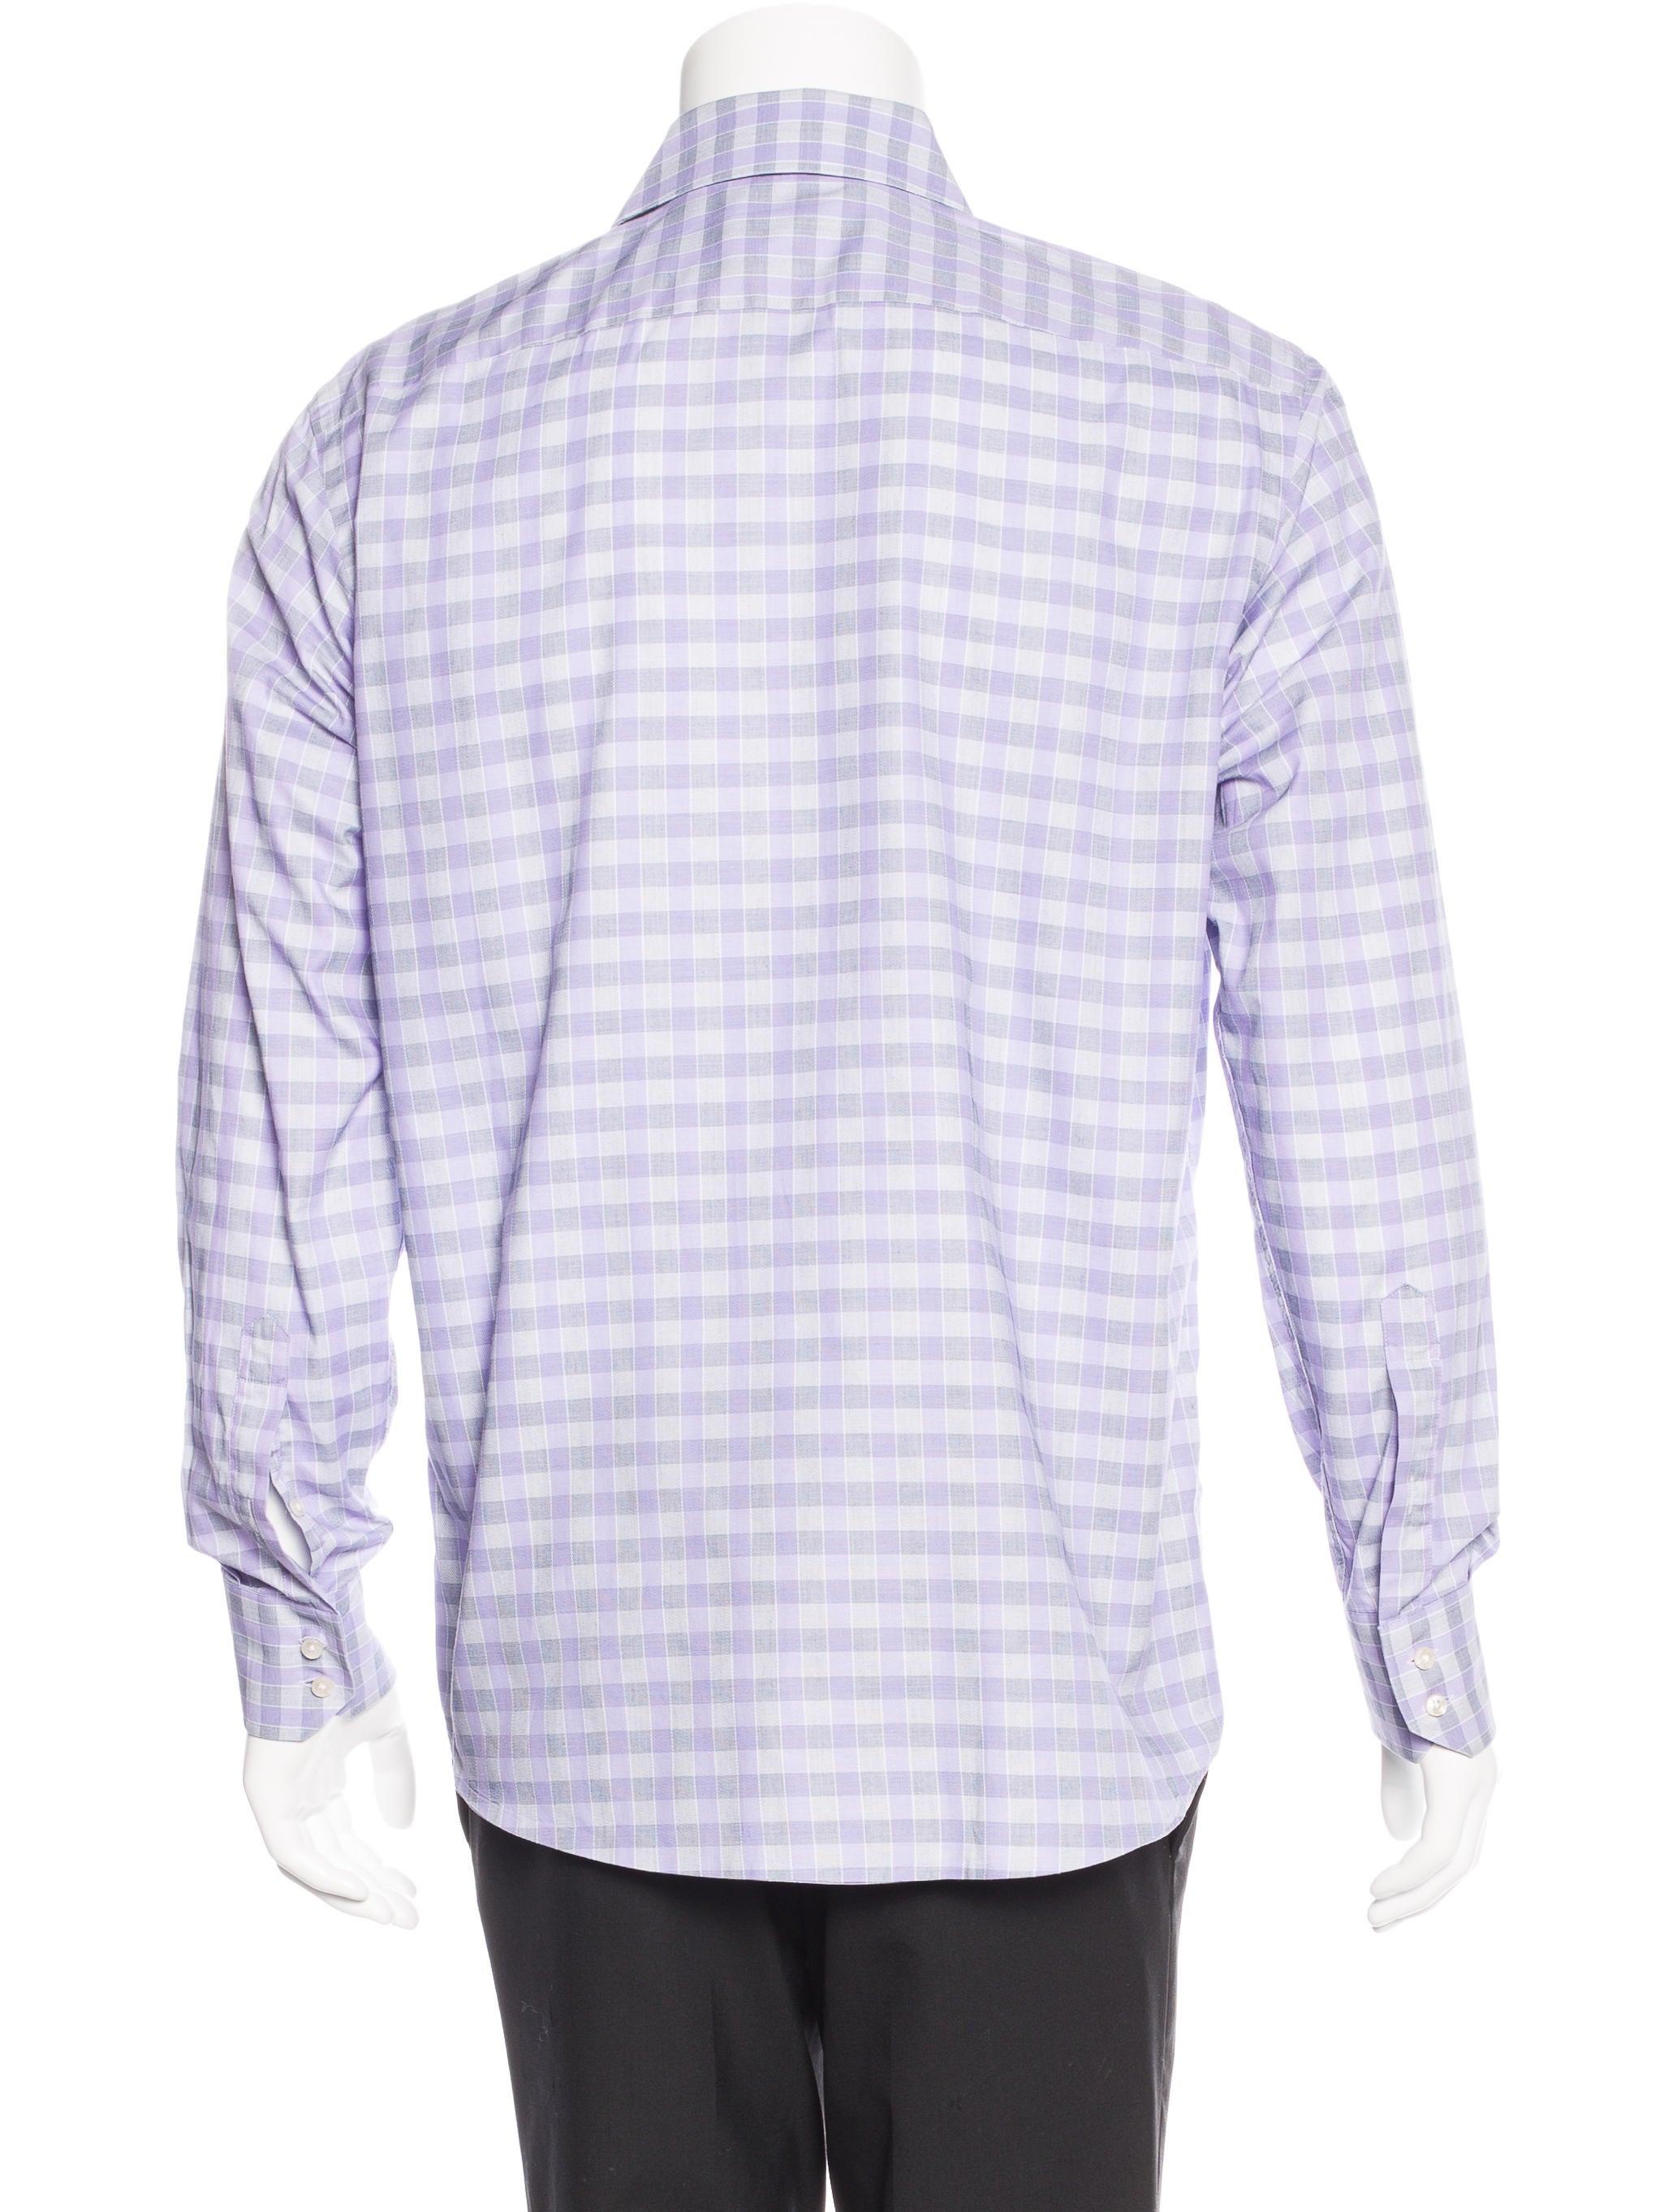 Boss by hugo boss regular fit check shirt clothing for Hugo boss shirt dress